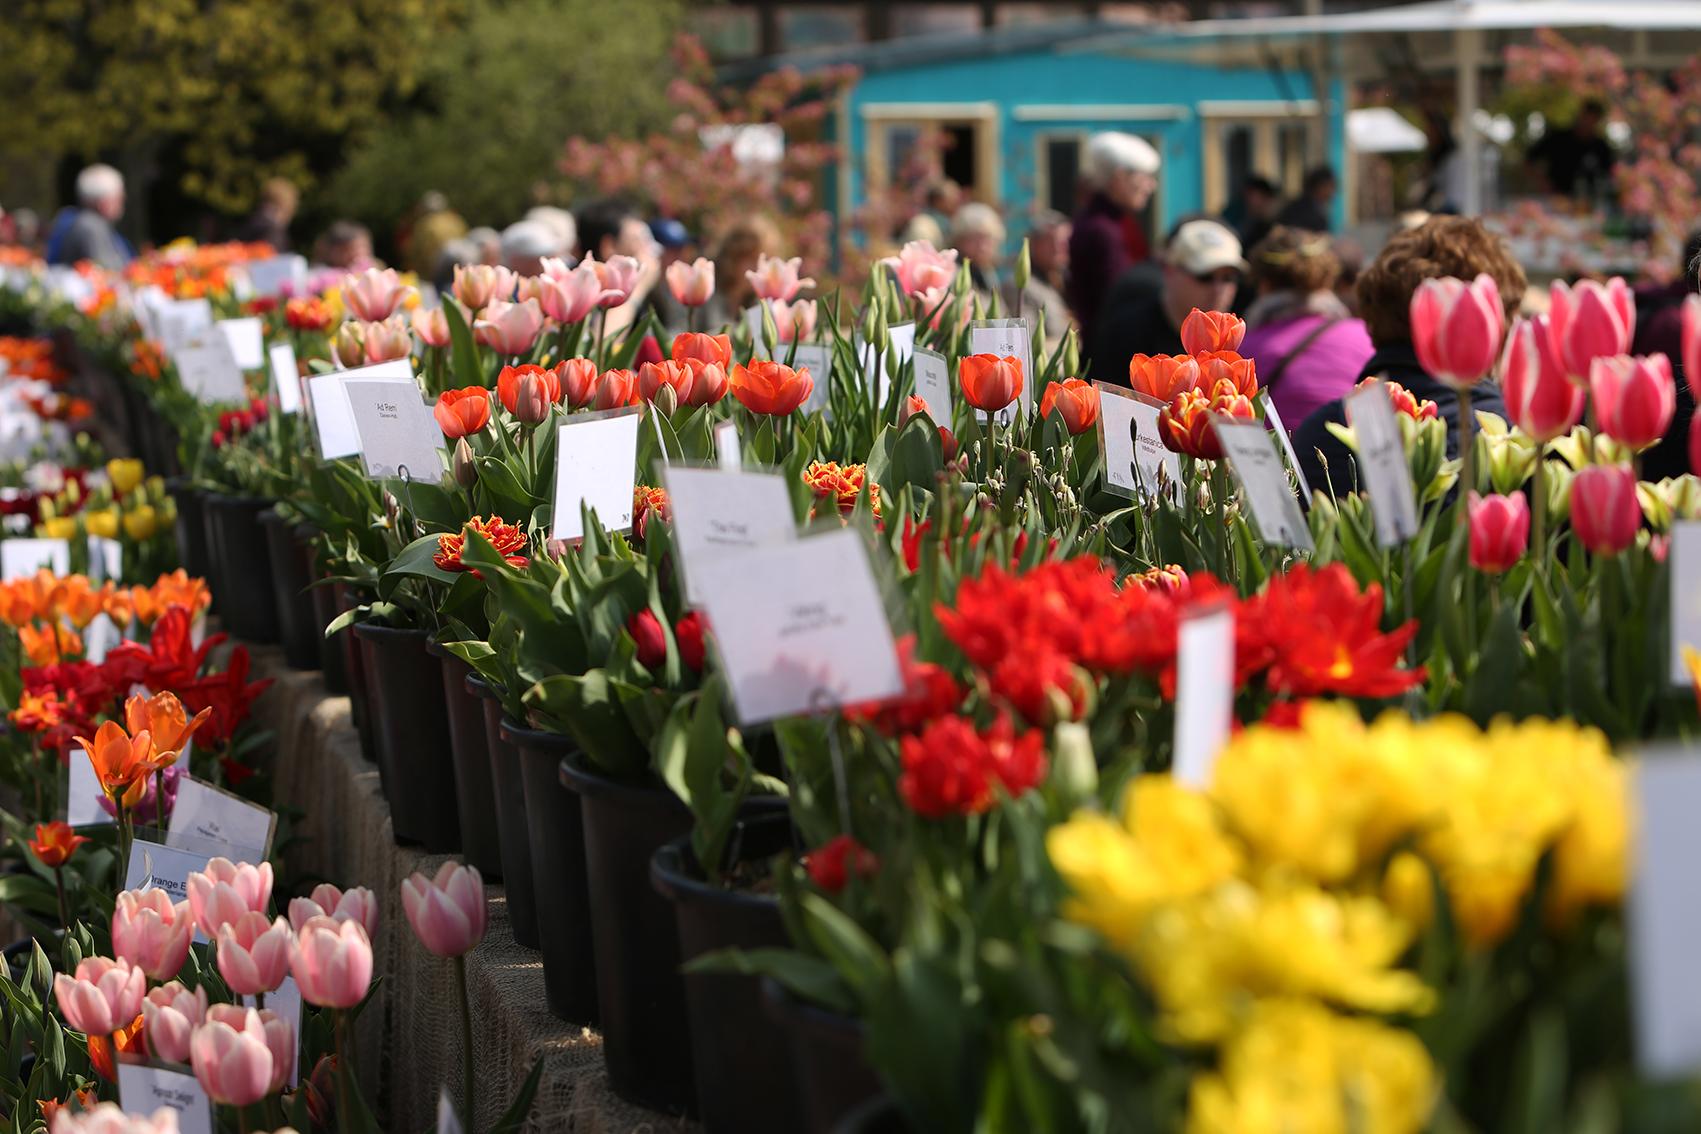 Späth'er Frühling: Tulpensortenschau auf der Festwiese, 1,13MB